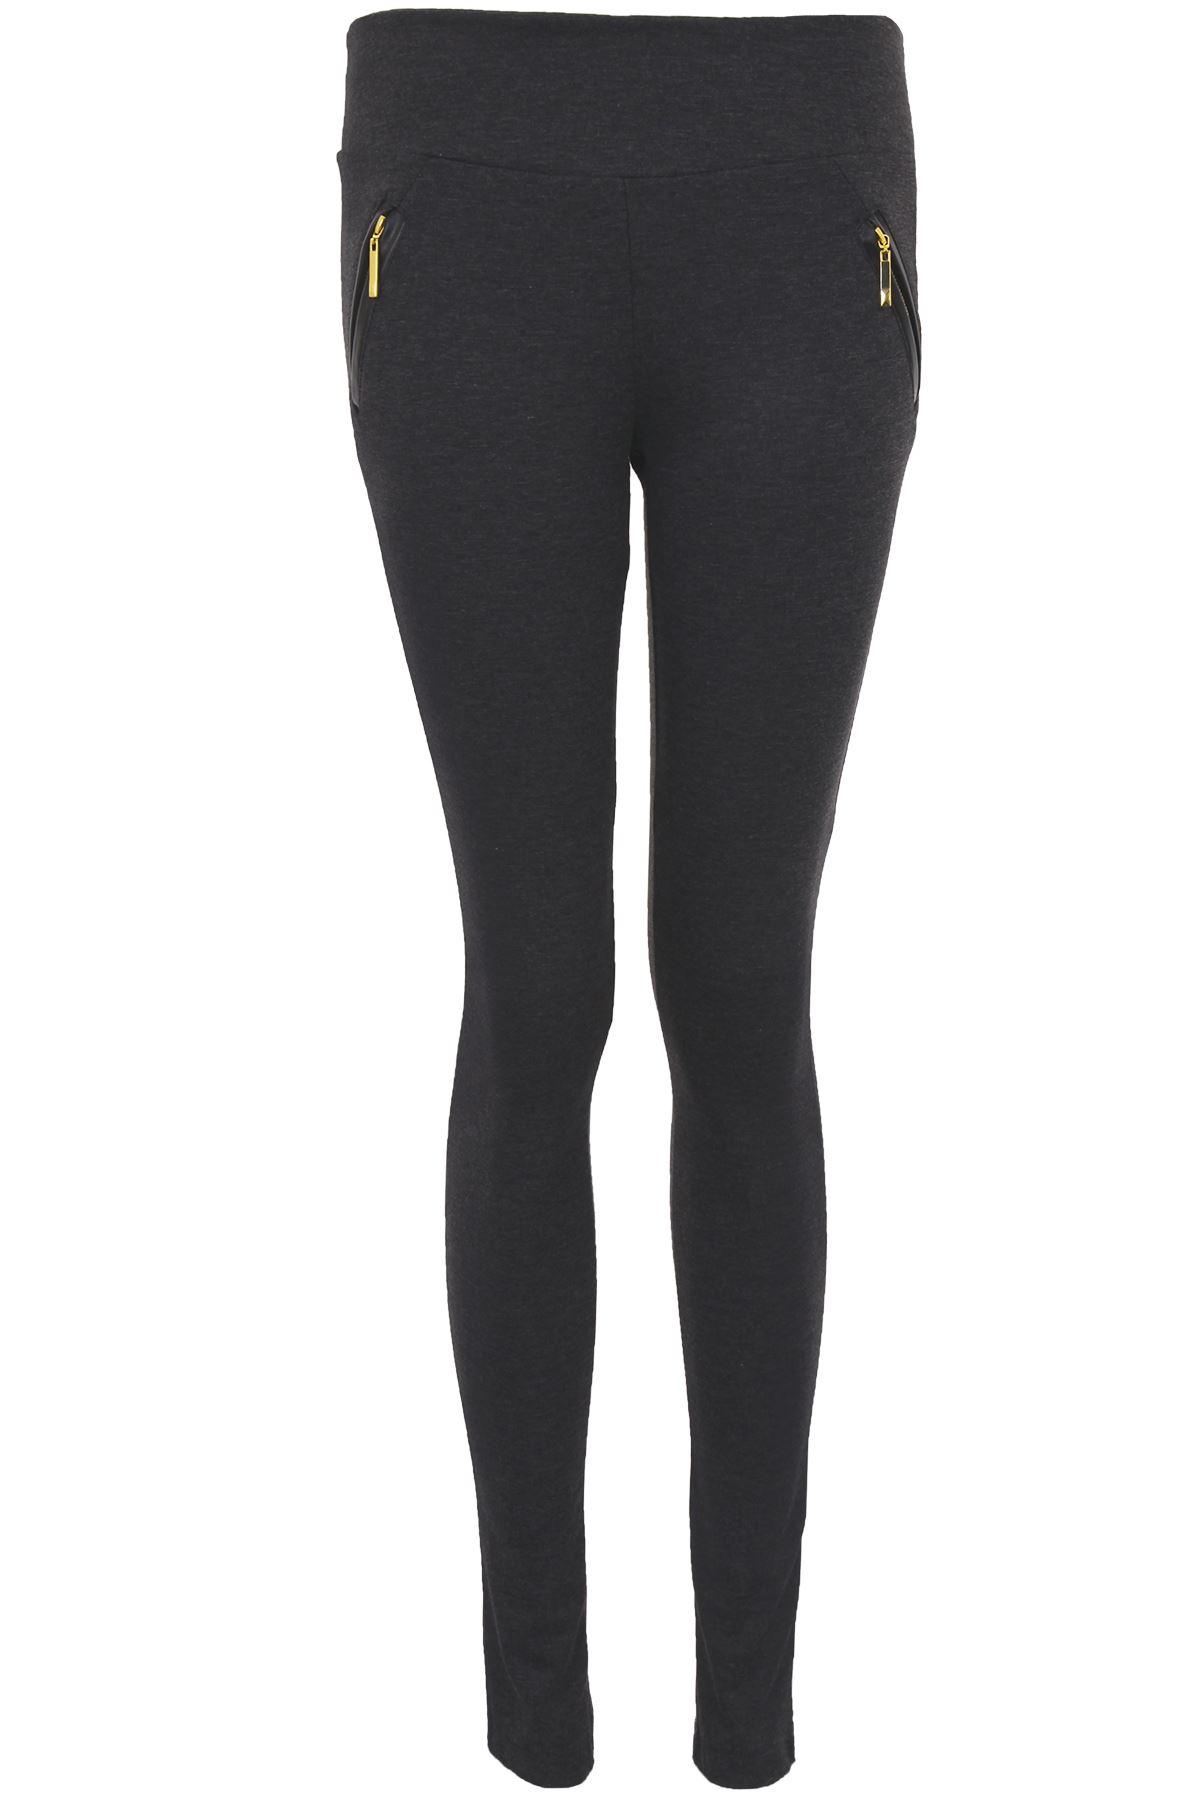 ... -Fit-Gold-Zip-Pockets-Women-039-s-Smart-Office-Jeggings-Trousers-8-14